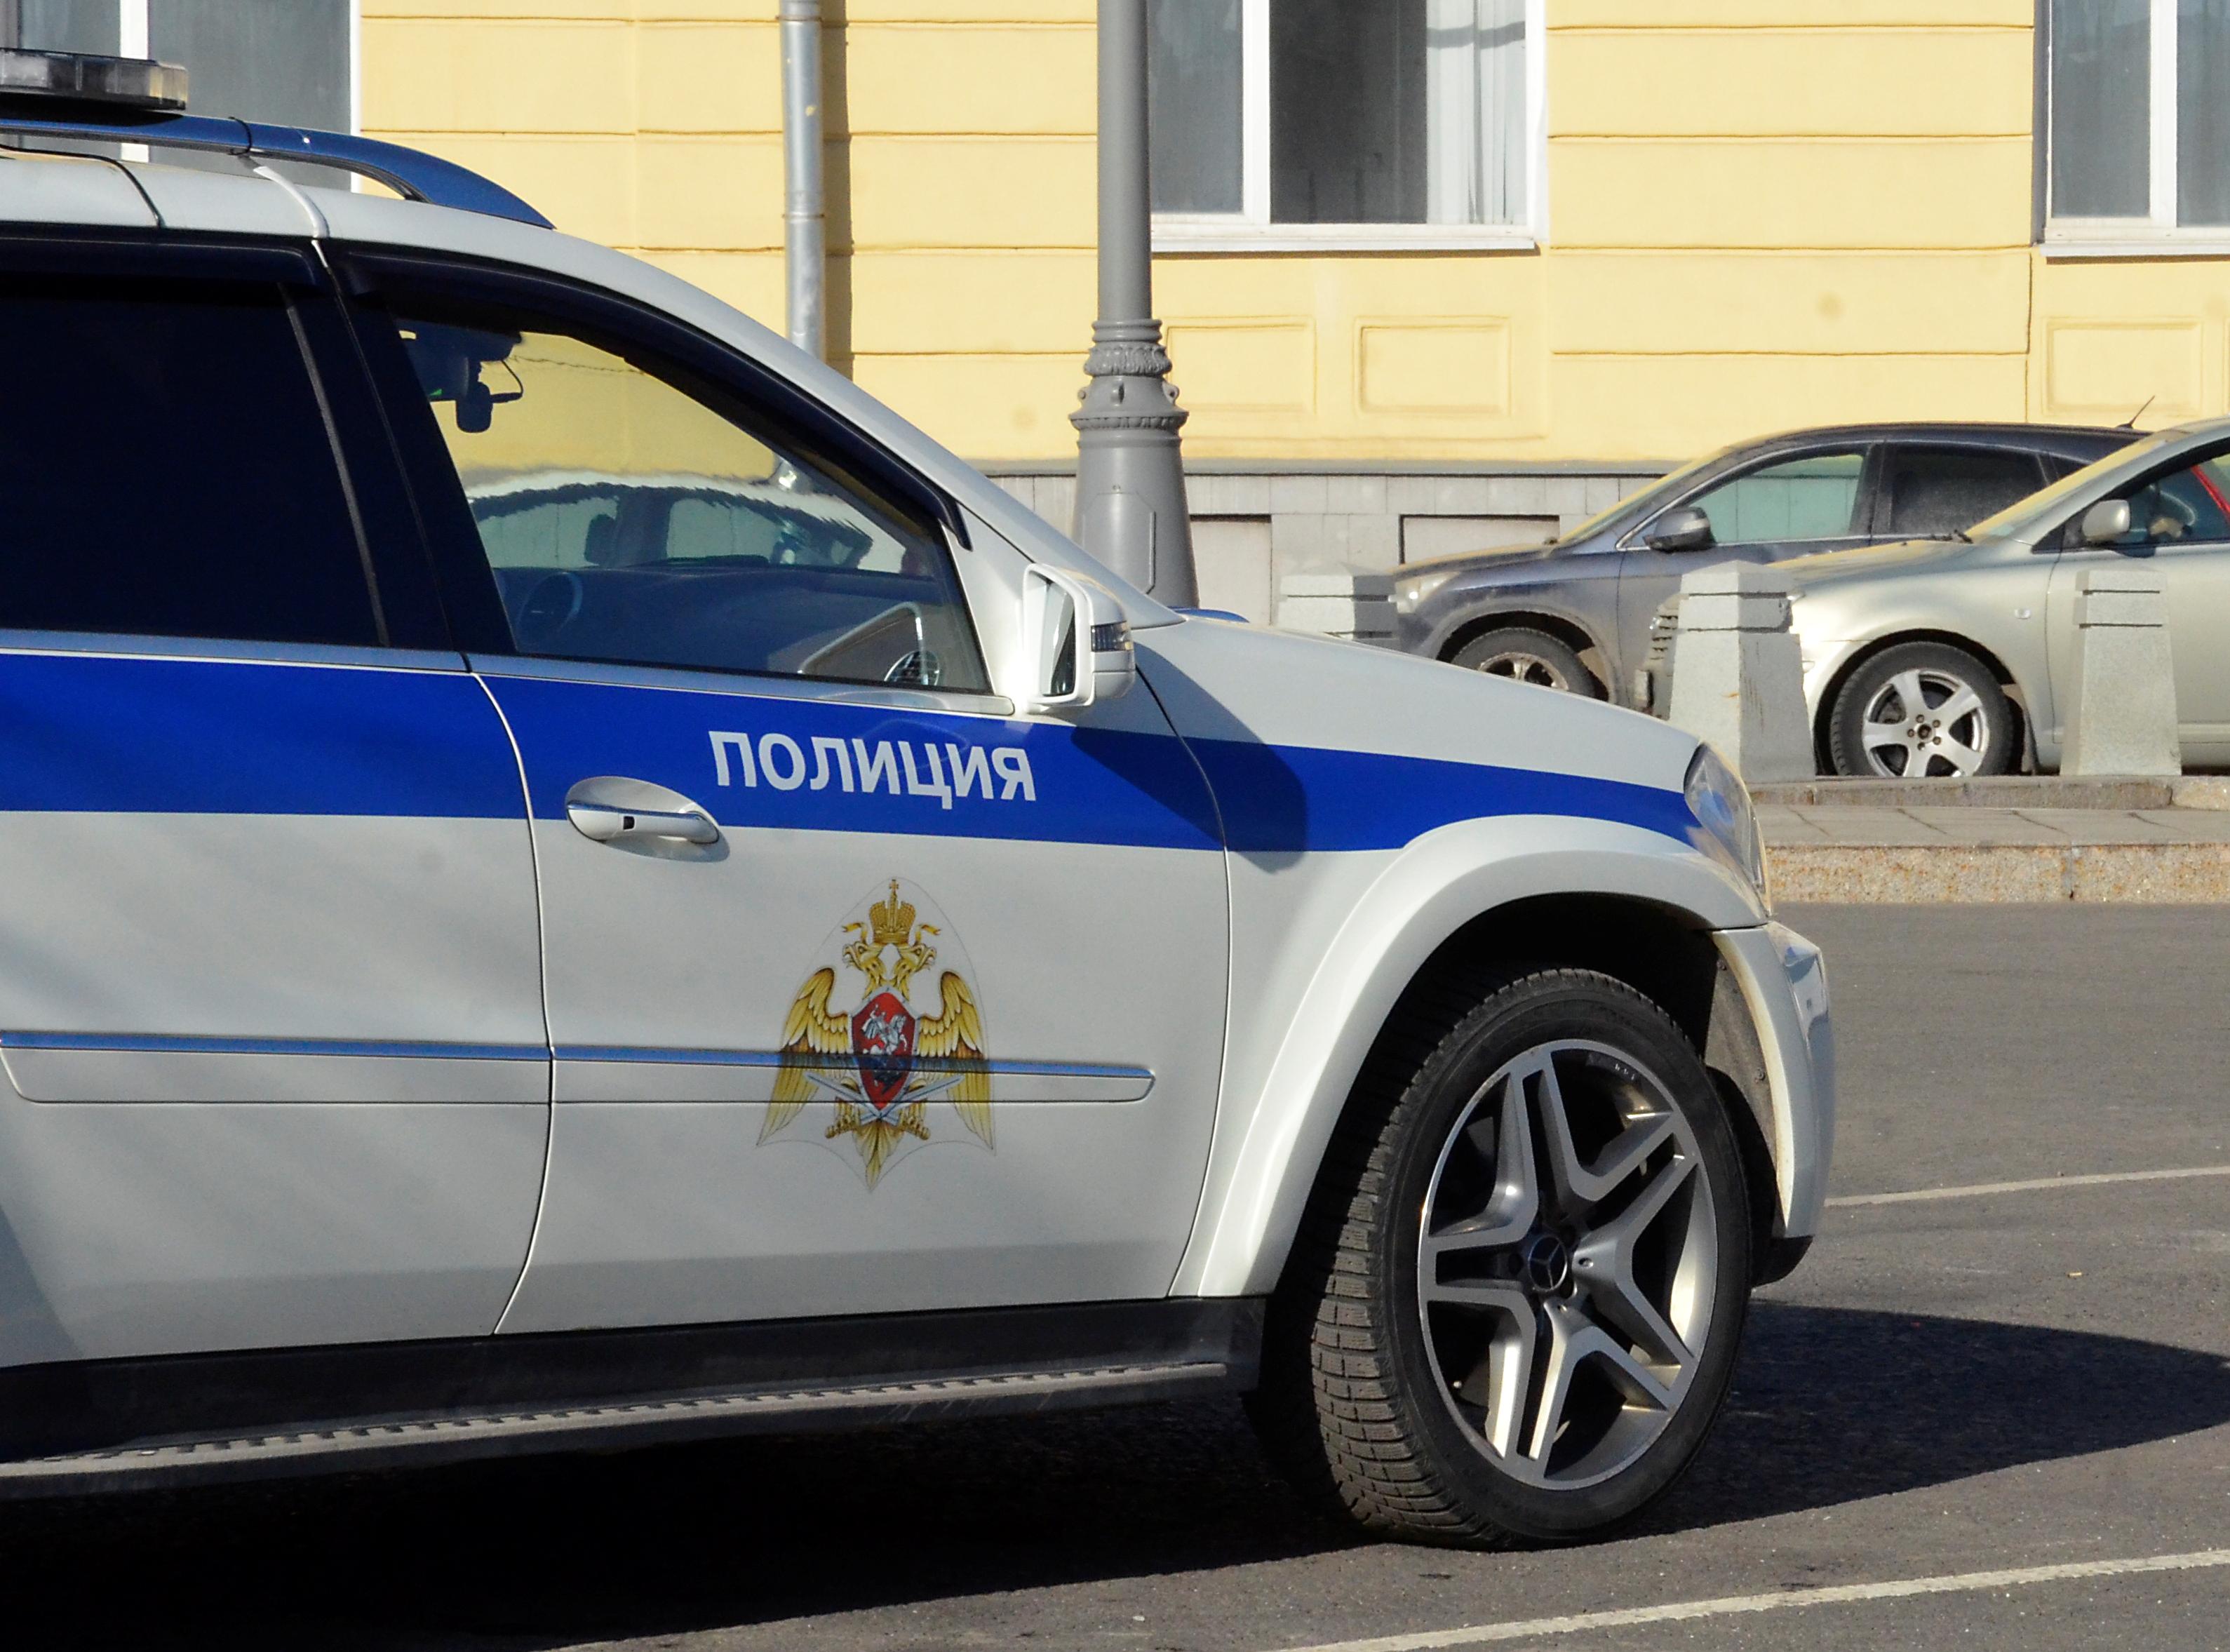 В Басманном районе Москвы задержан подозреваемый в грабеже. Фото: Анна Быкова